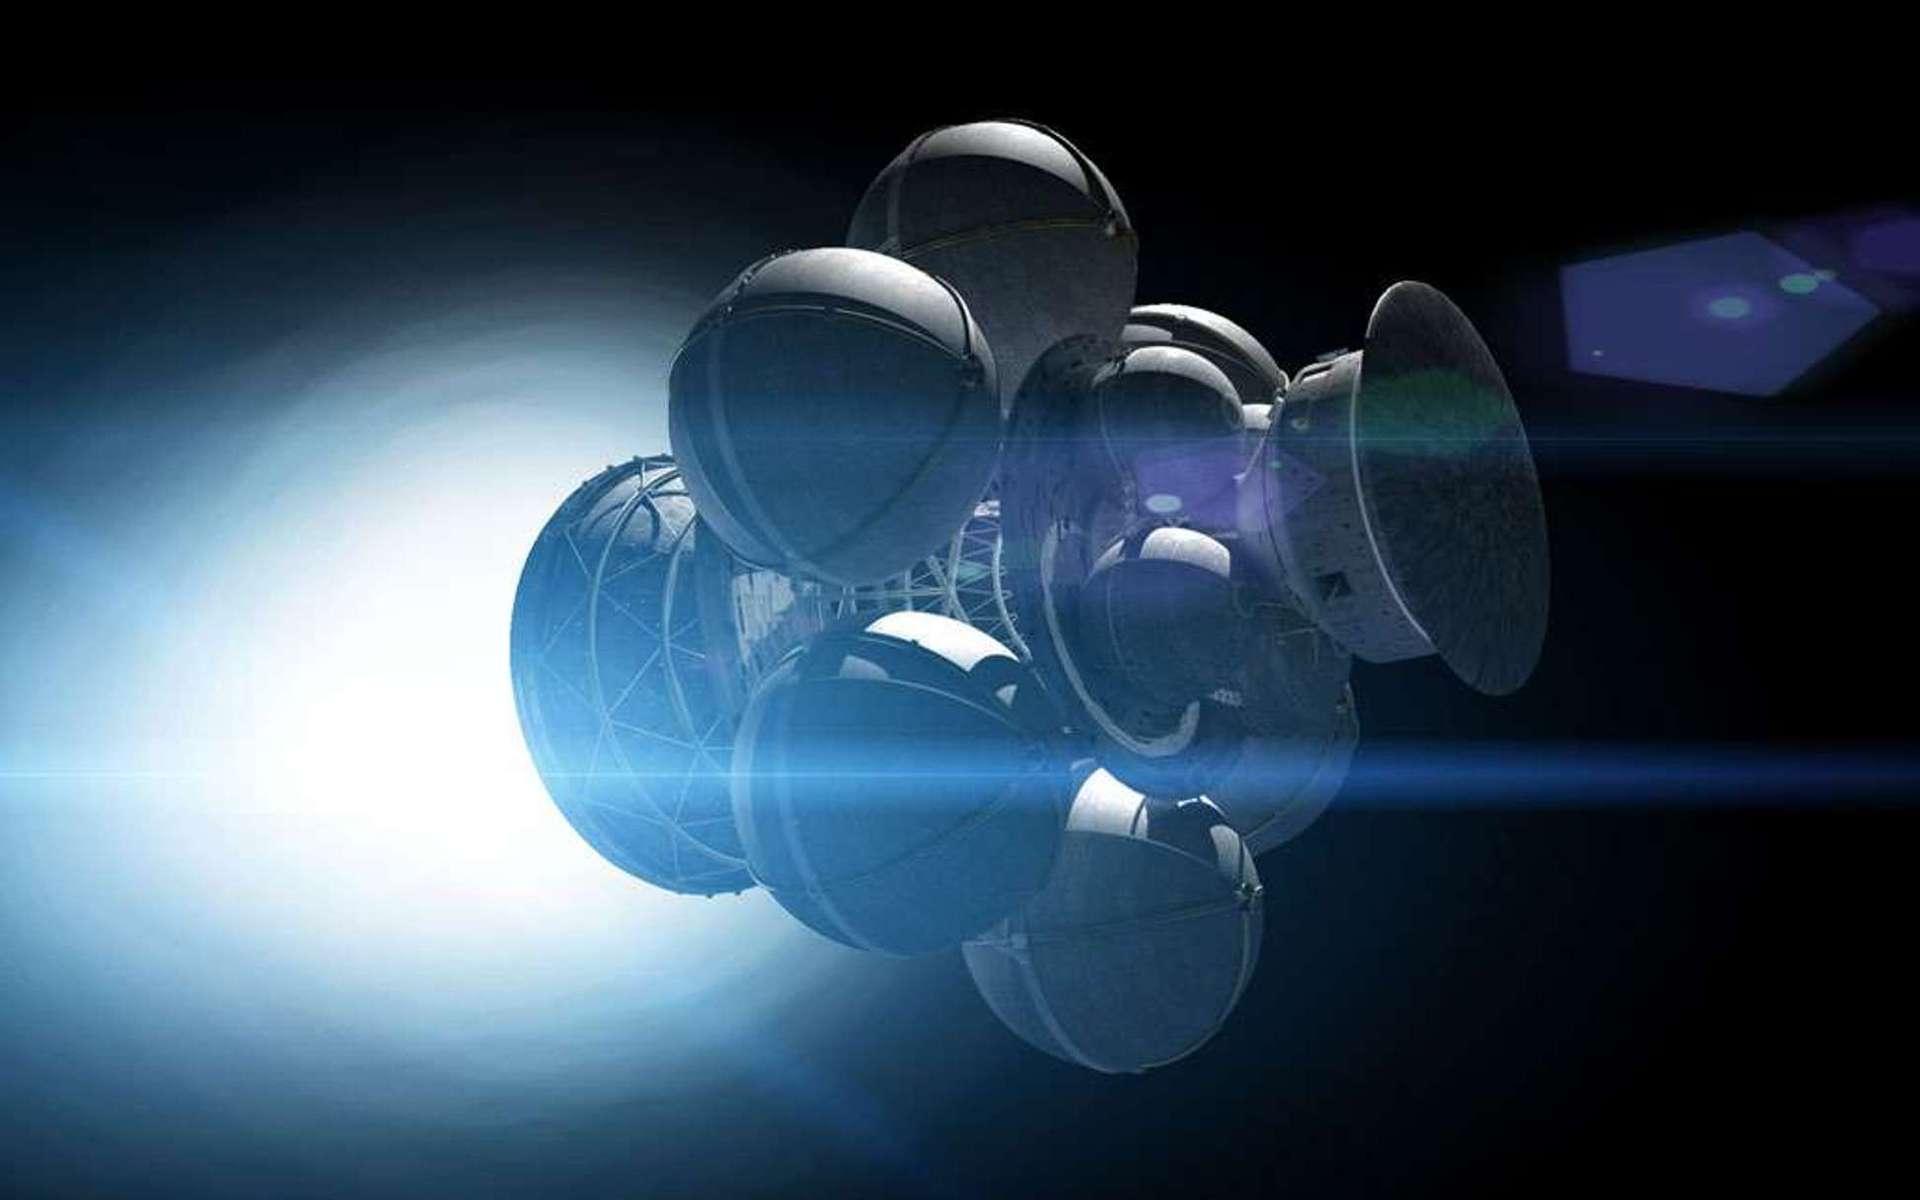 Pendant les années 1970, des membres éclairés de la British Interplanetary Society (BIS) ont étudié le concept d'un vaisseau spatial capable d'atteindre 12 % de la vitesse de la lumière. Le projet Daedalus se basait sur l'utilisation d'explosions thermonucléaires à intervalles réguliers pour atteindre cette performance. © Adrian Mann, Bisbos.com